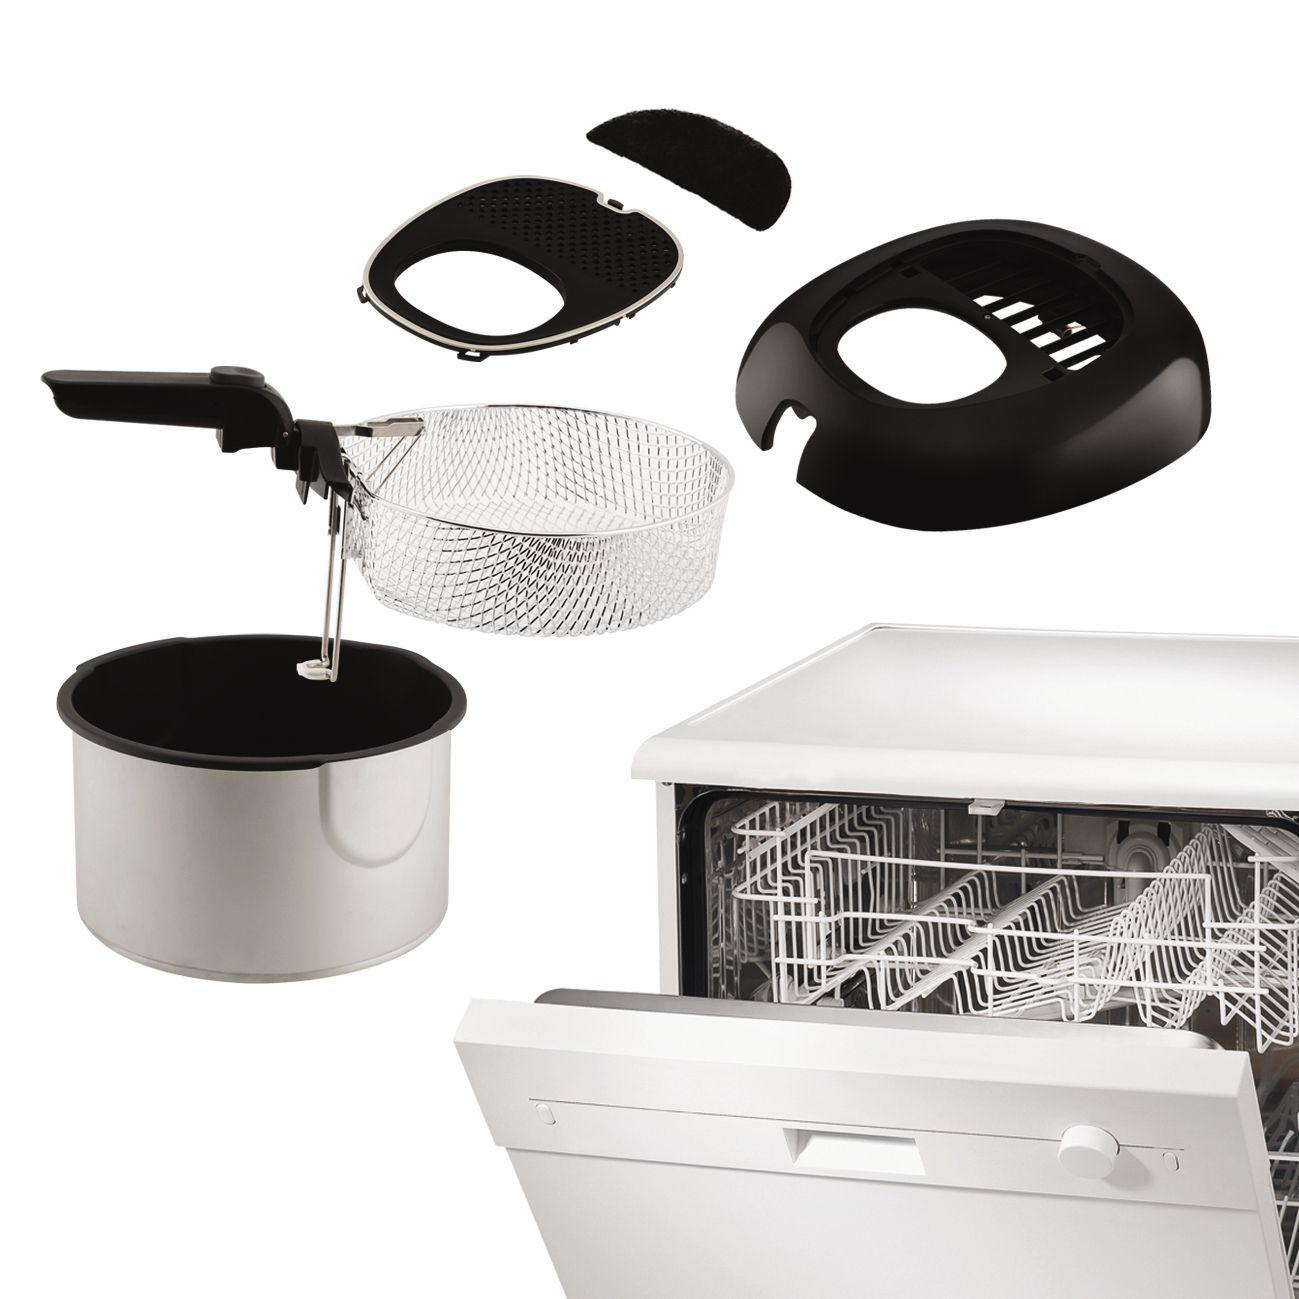 seb friteuse classique smart clean noir inox fr460000 achat vente friteuse electrique. Black Bedroom Furniture Sets. Home Design Ideas